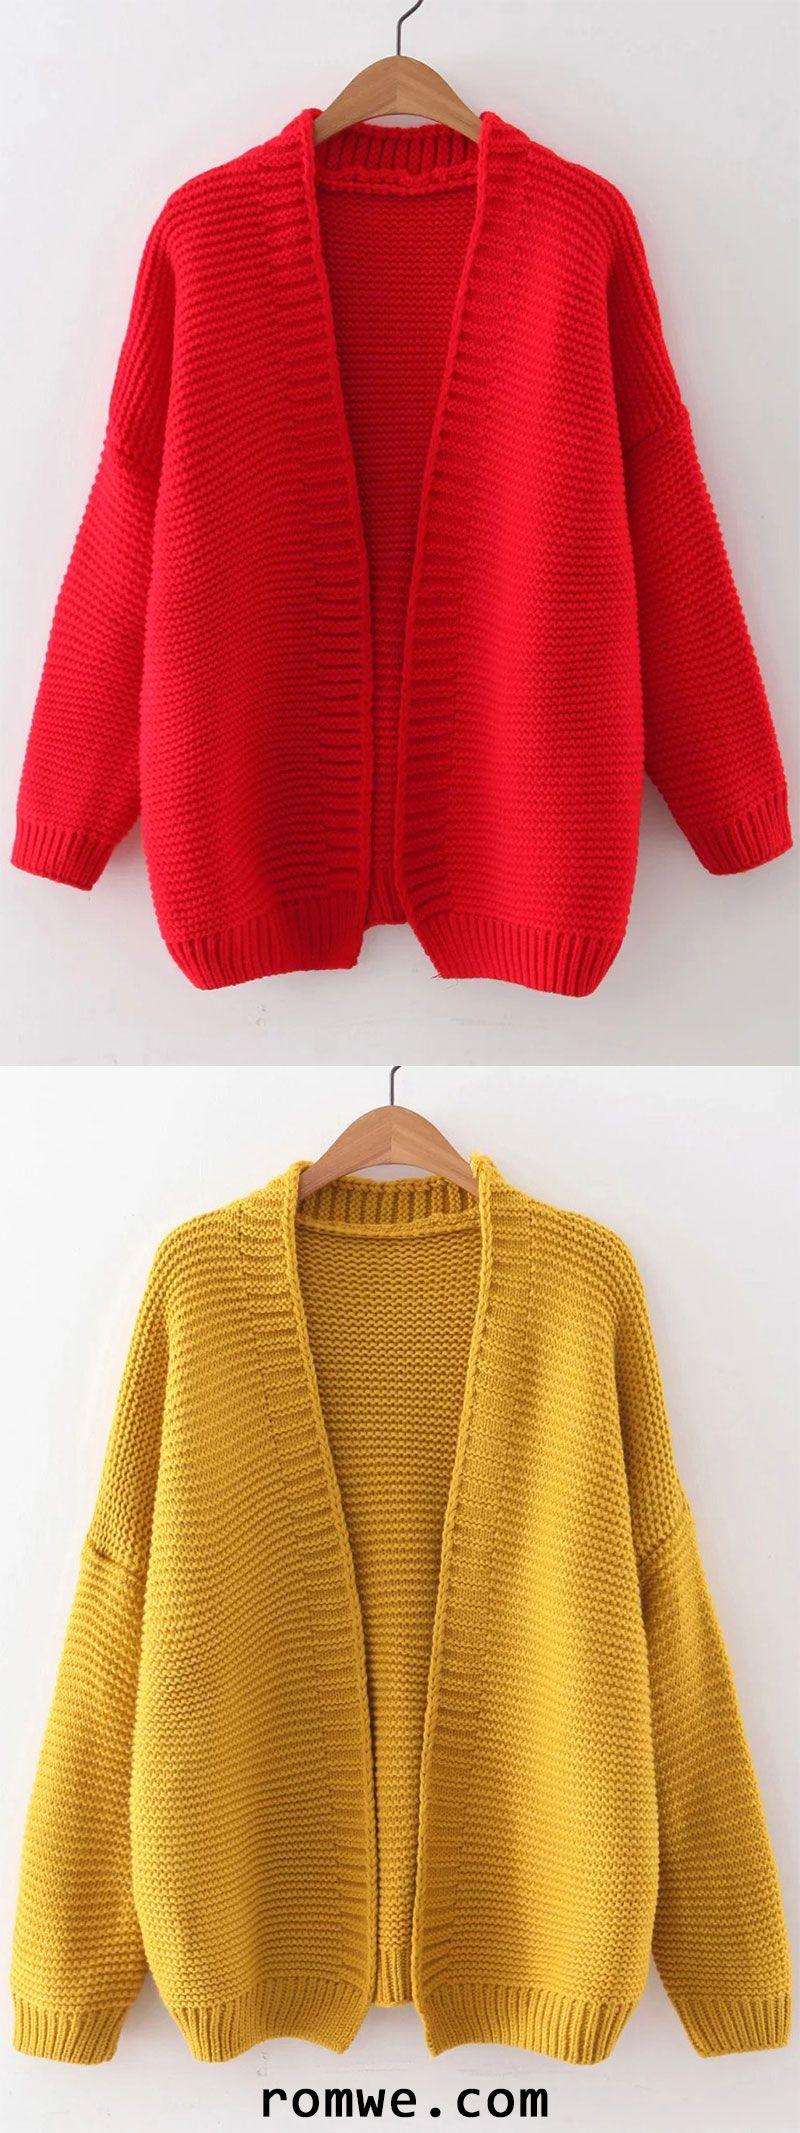 Open Front Drop Shoulder Cardigan | Romwe Women Style | Pinterest ...